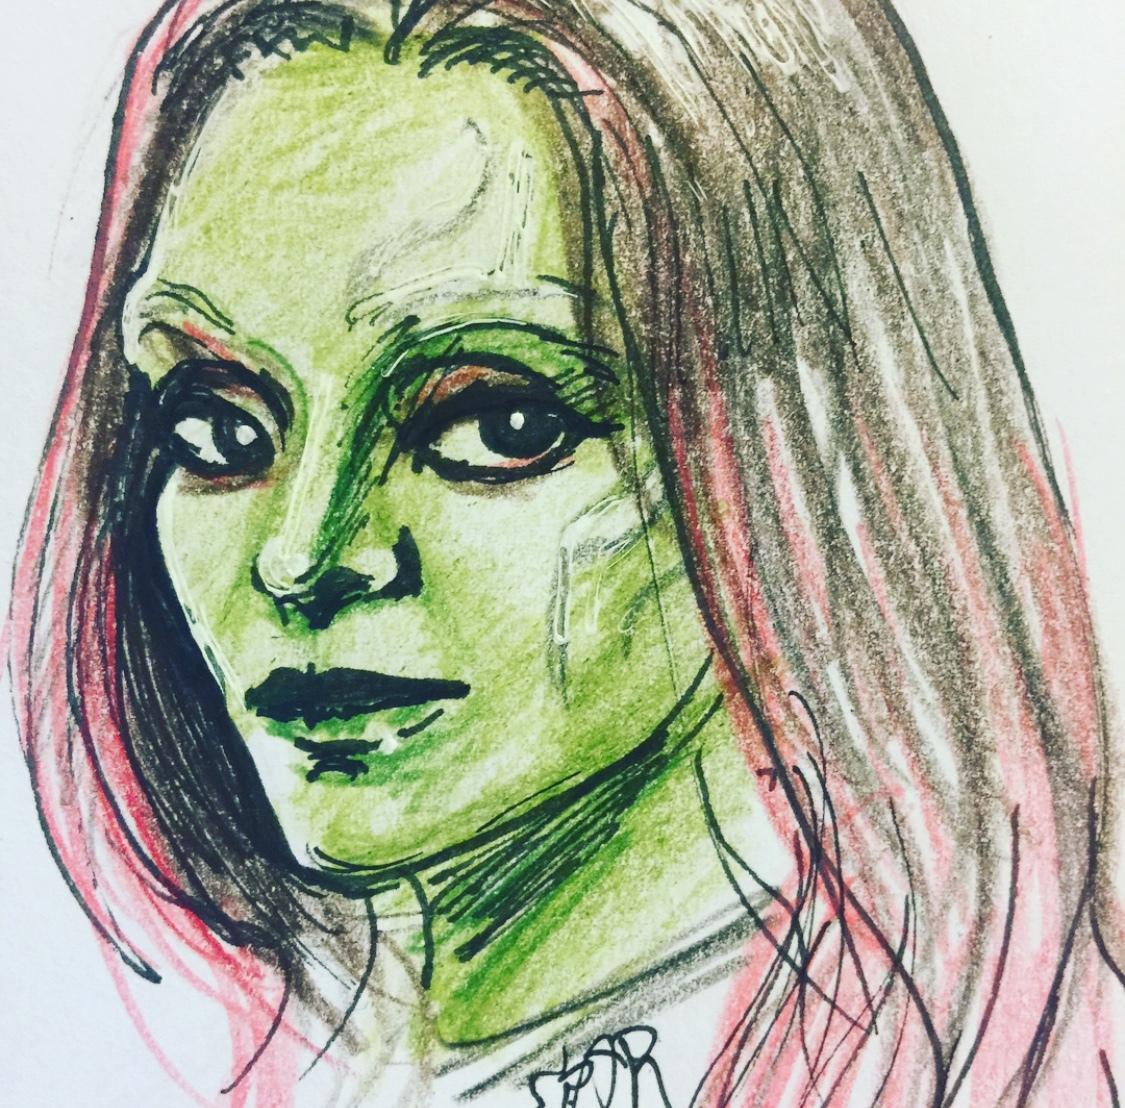 あたたかみのある手描きの似顔絵を提供します 色鉛筆での暖かみのある似顔絵♪大切な人や自分へのご褒美に